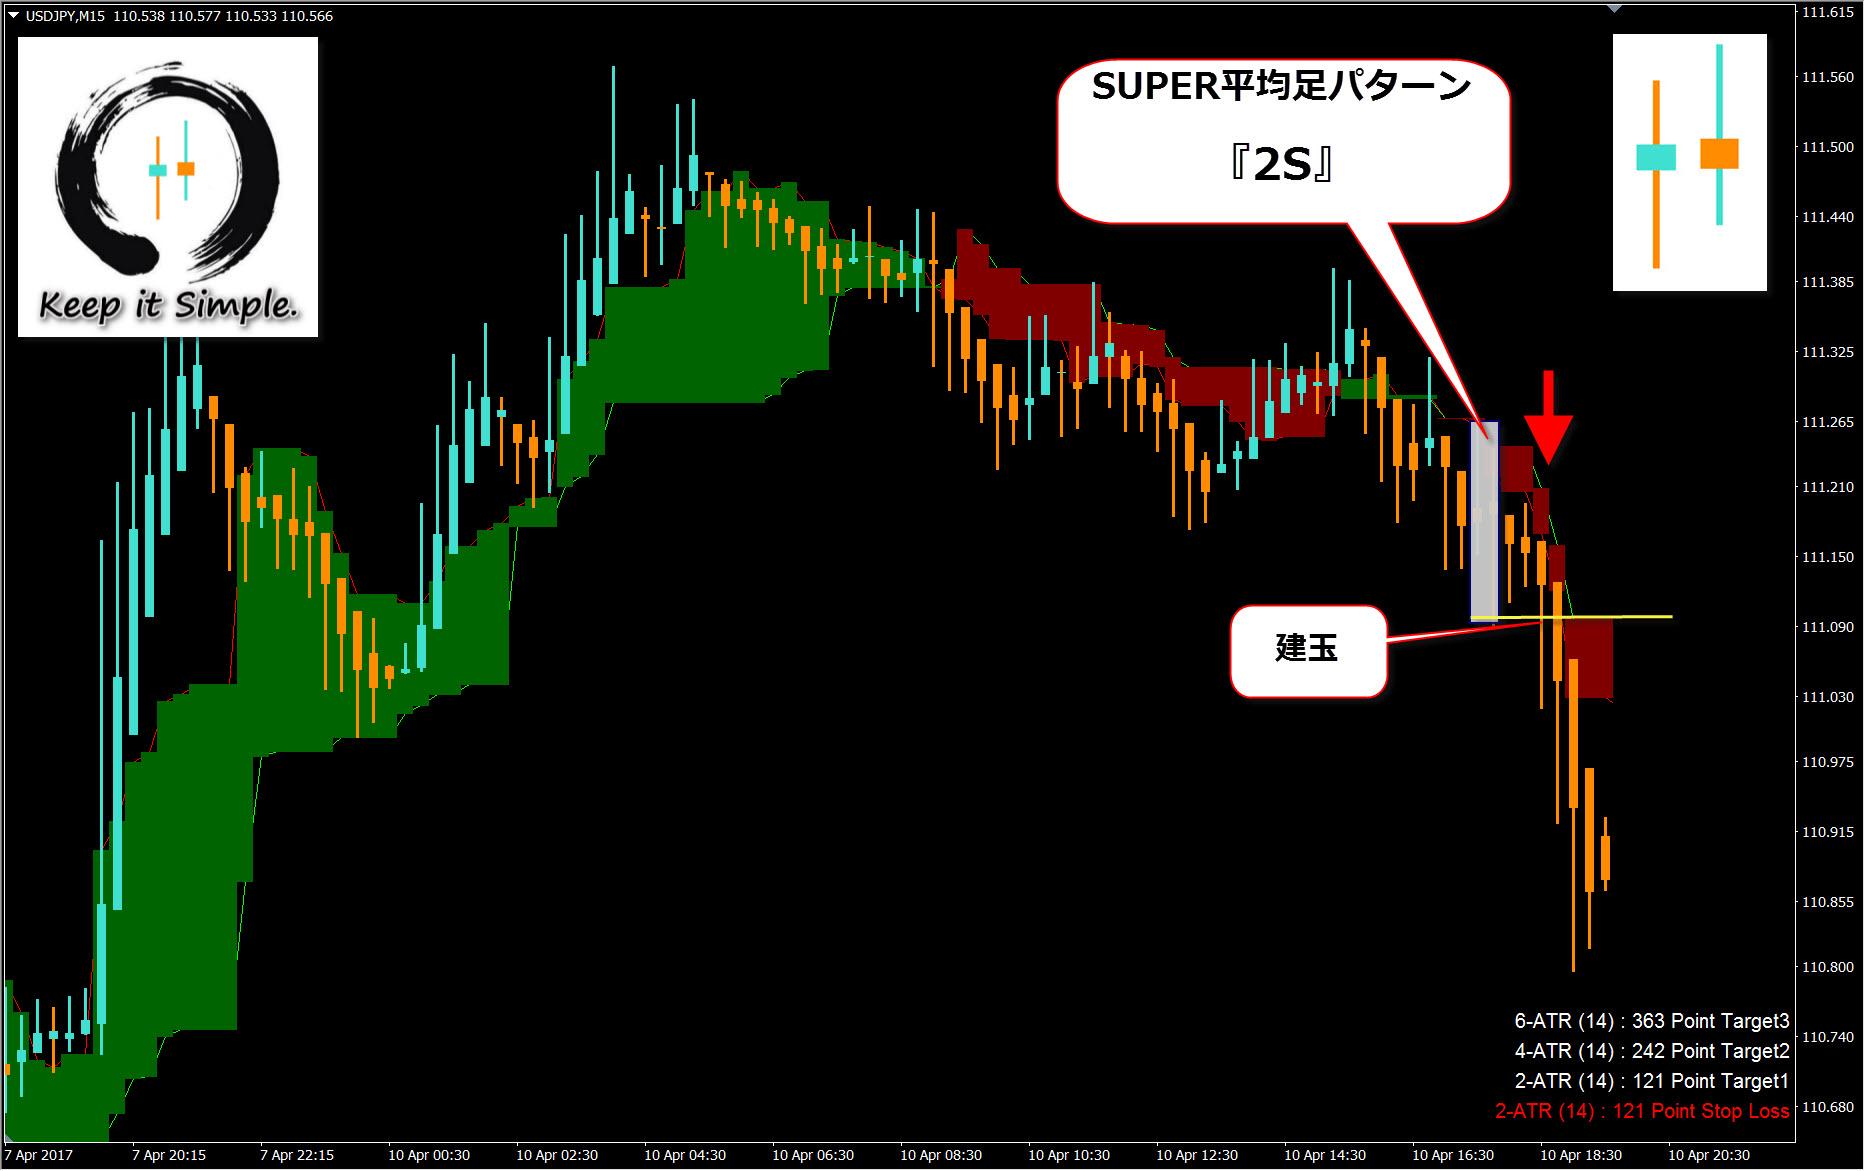 くまひげ先生の『SUPER平均足』パターントレード手法